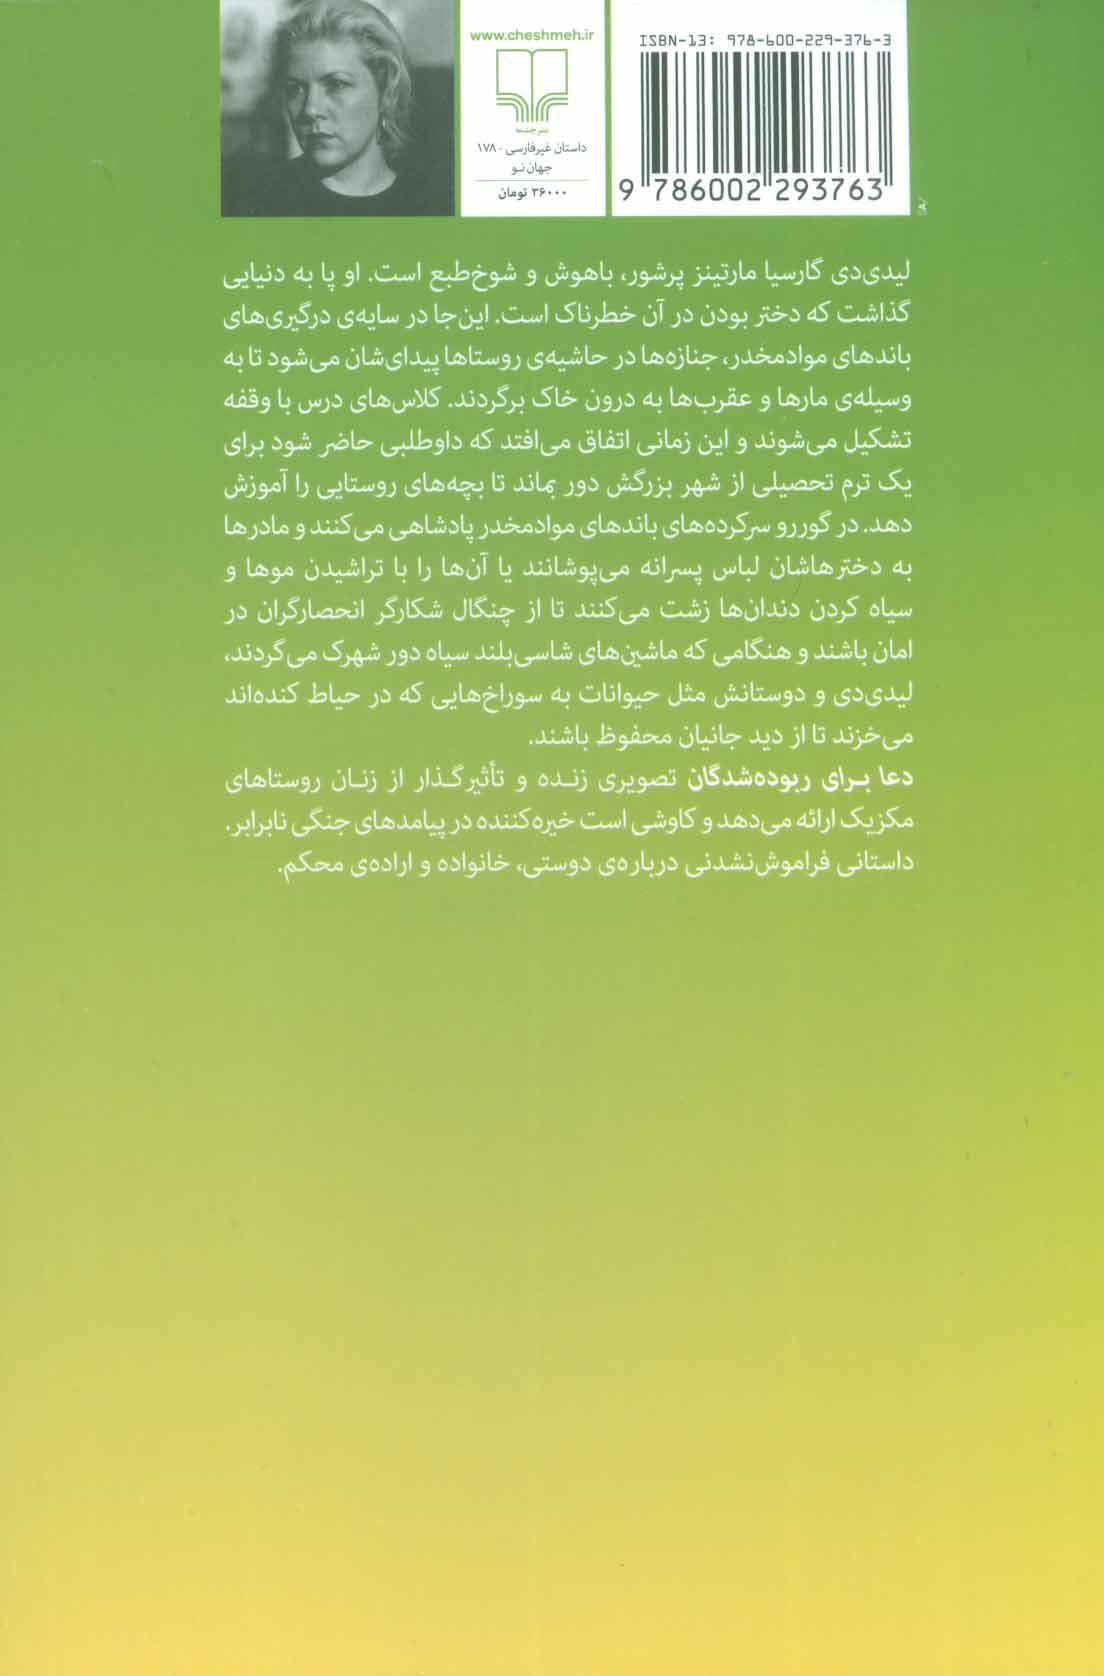 دعا برای ربوده شدگان (جهان نو)